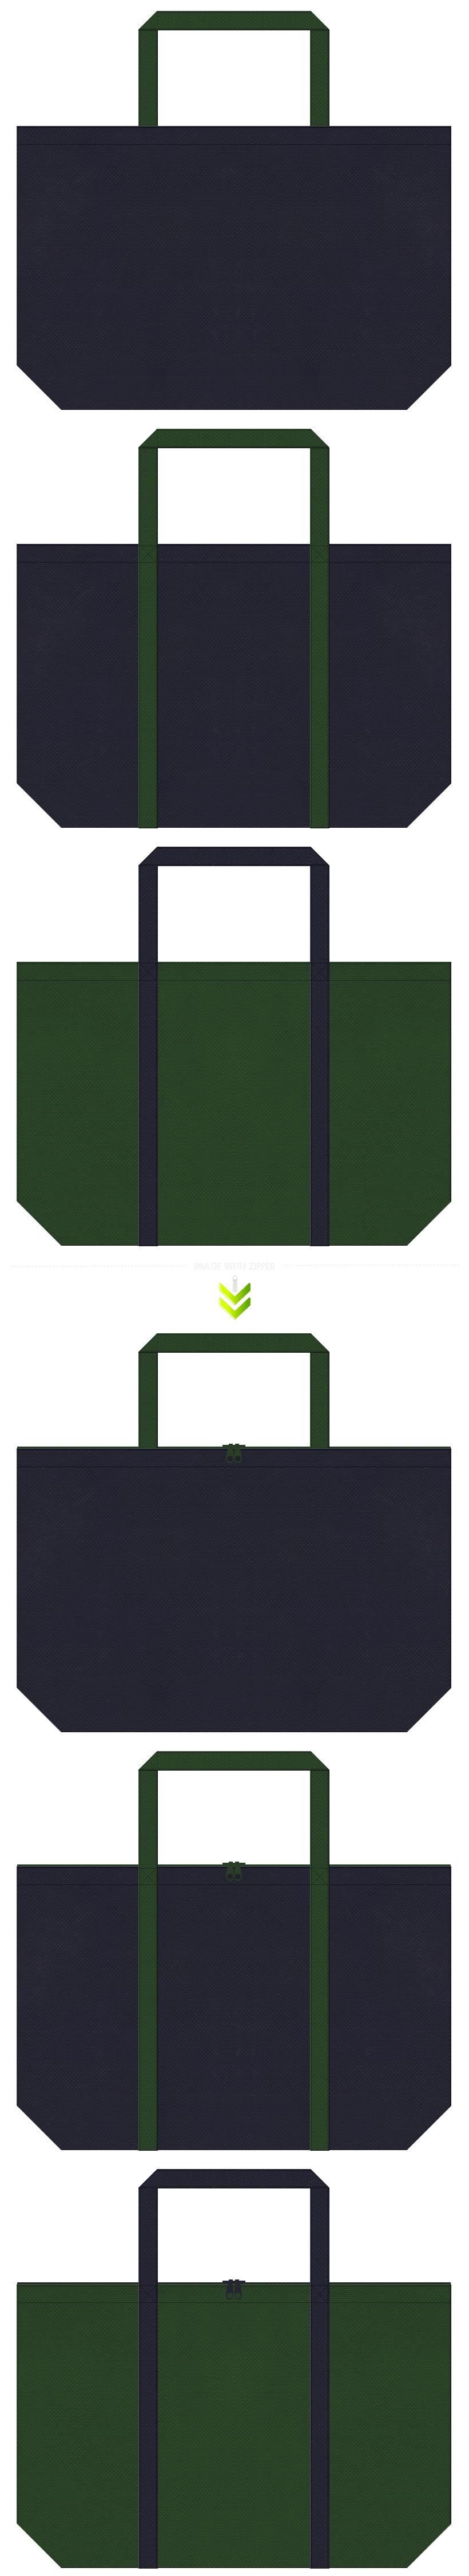 ACT・STG・FTG・ゲームの展示会用バッグ・ビジネス・メンズ衣料・メンズアクセサリー・メンズ商品・出張・旅行・トラベルバッグにお奨めの不織布バッグデザイン:濃紺色と濃緑色のコーデ